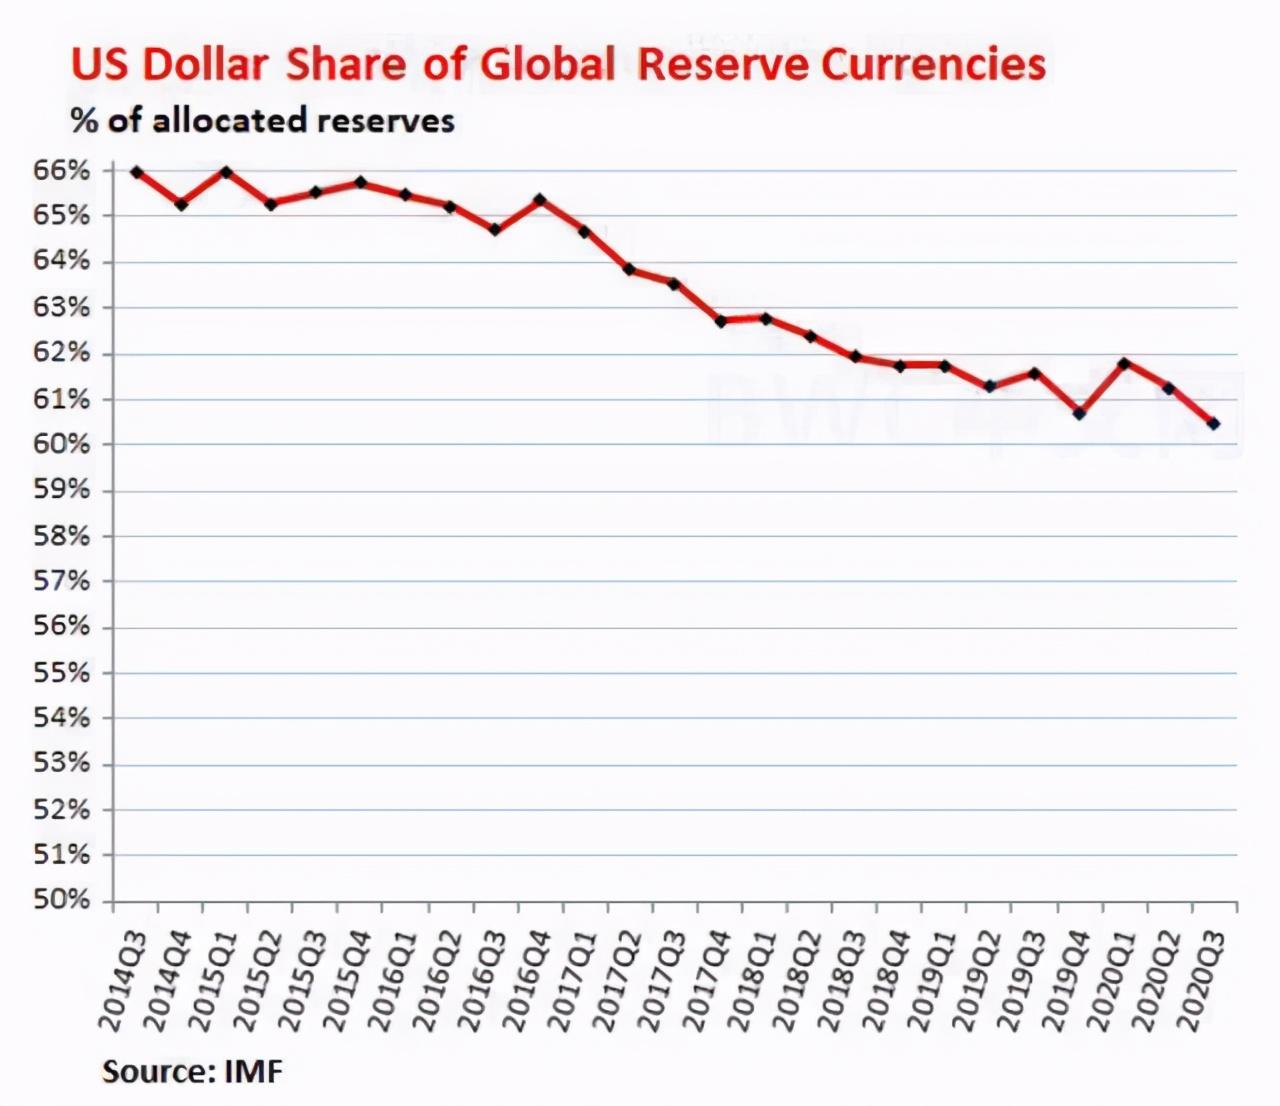 美国和英国阻止许多国家运回黄金。1250吨黄金运出美国后,事情有了新的进展